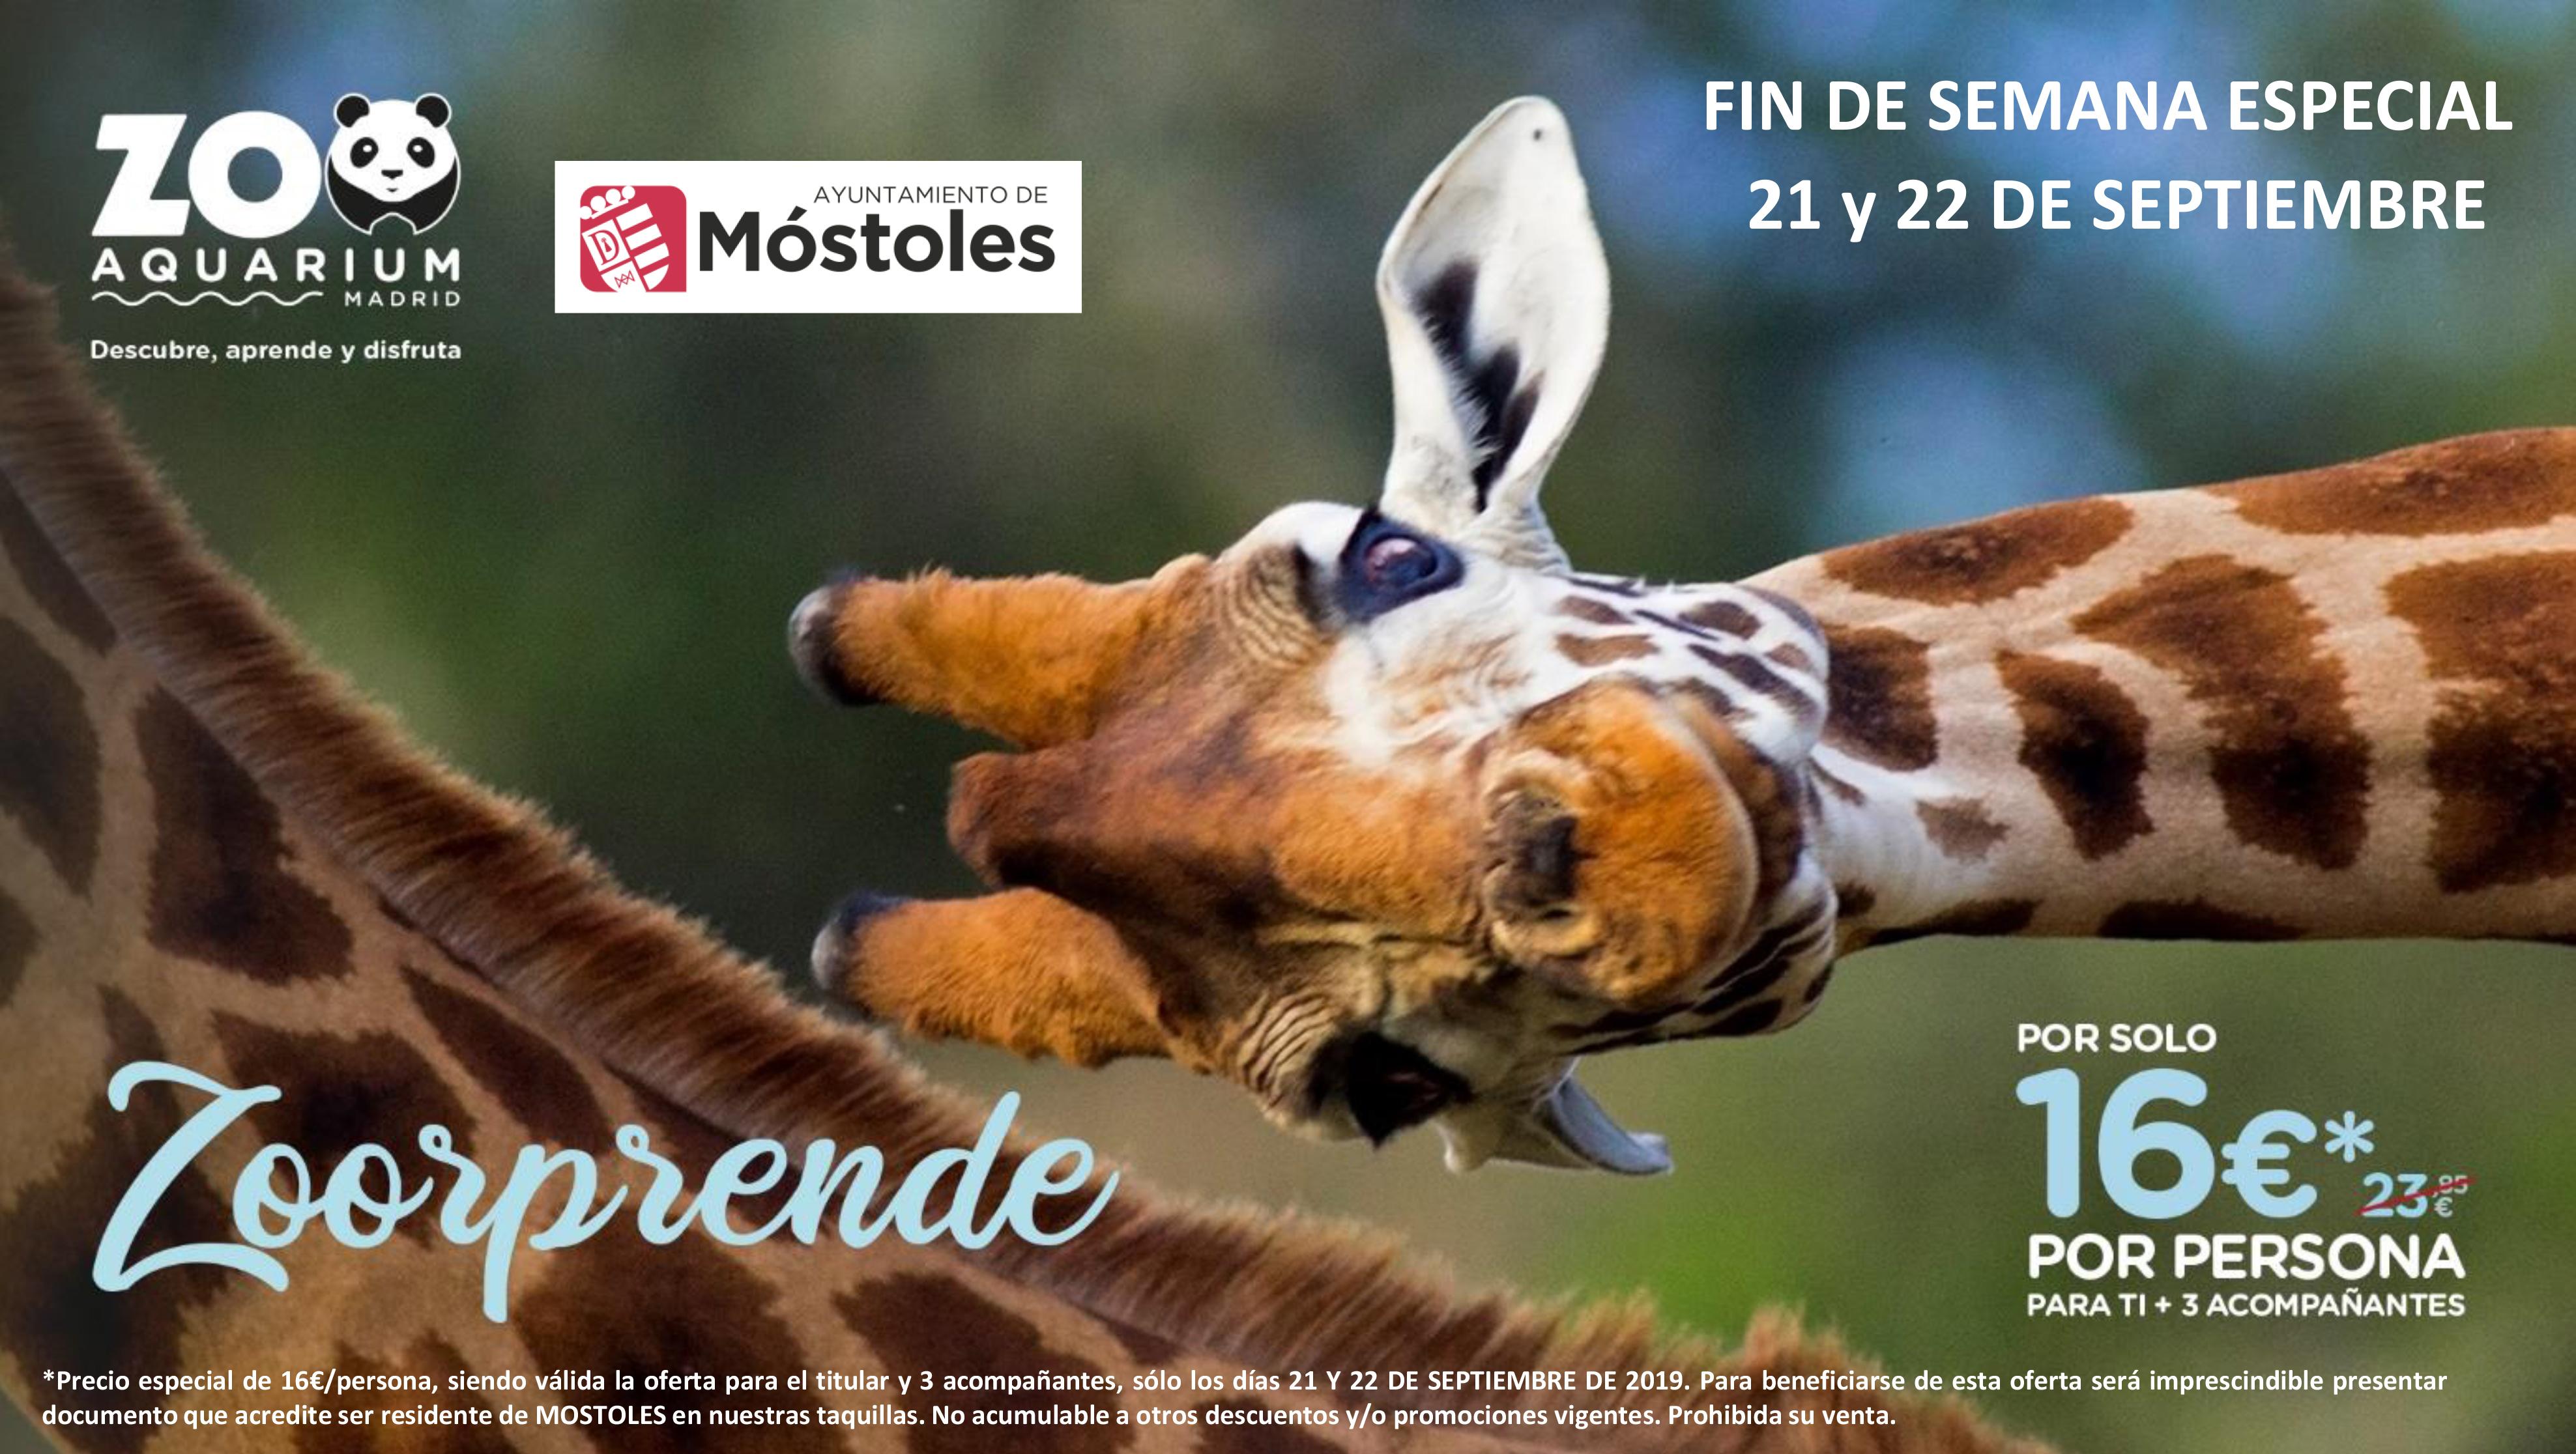 http://sur-madrid.com/online/?p=27232